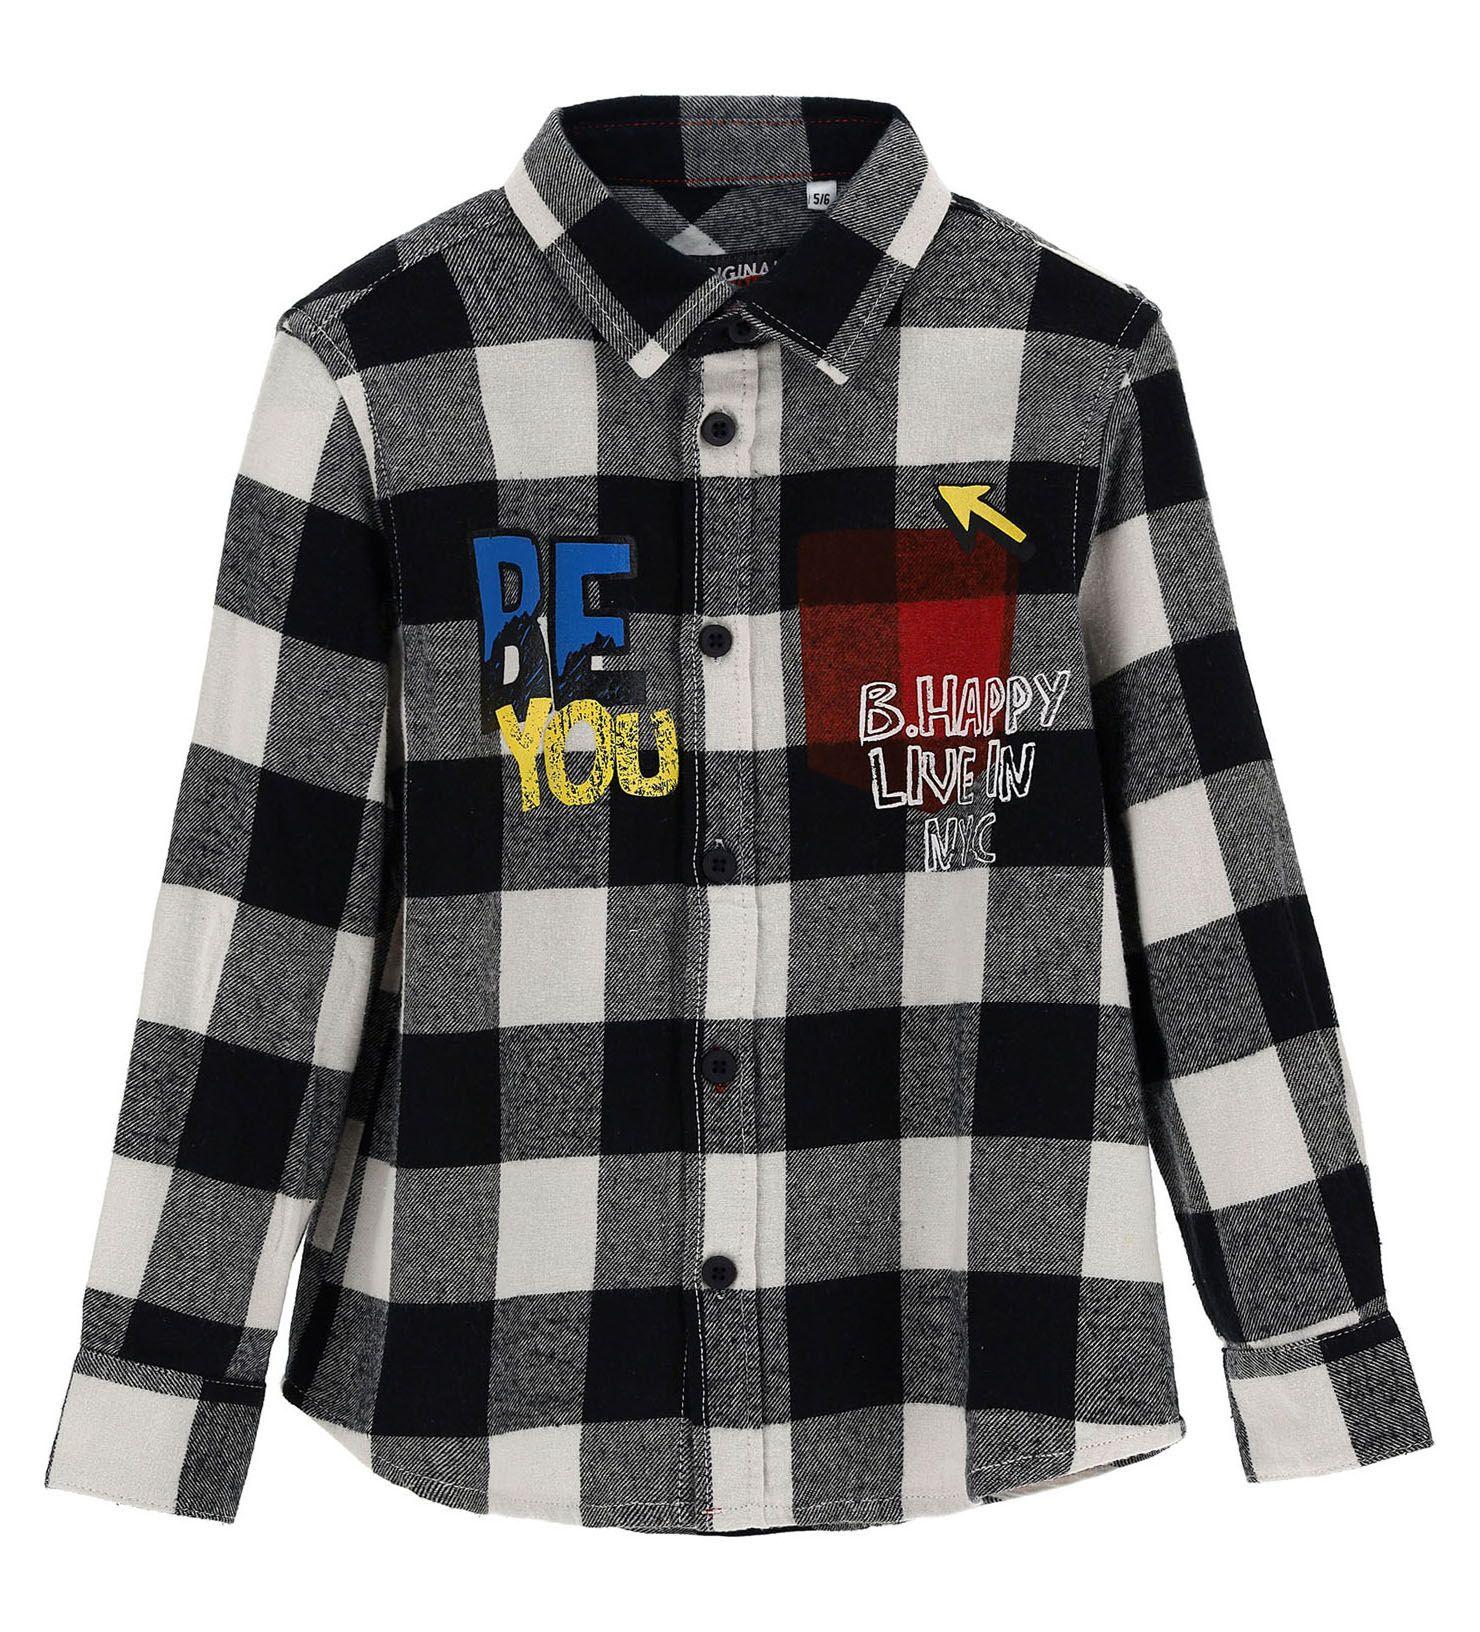 Купить Рубашка с длинным рукавом Original Marines, серый, 98, Мальчики, зима